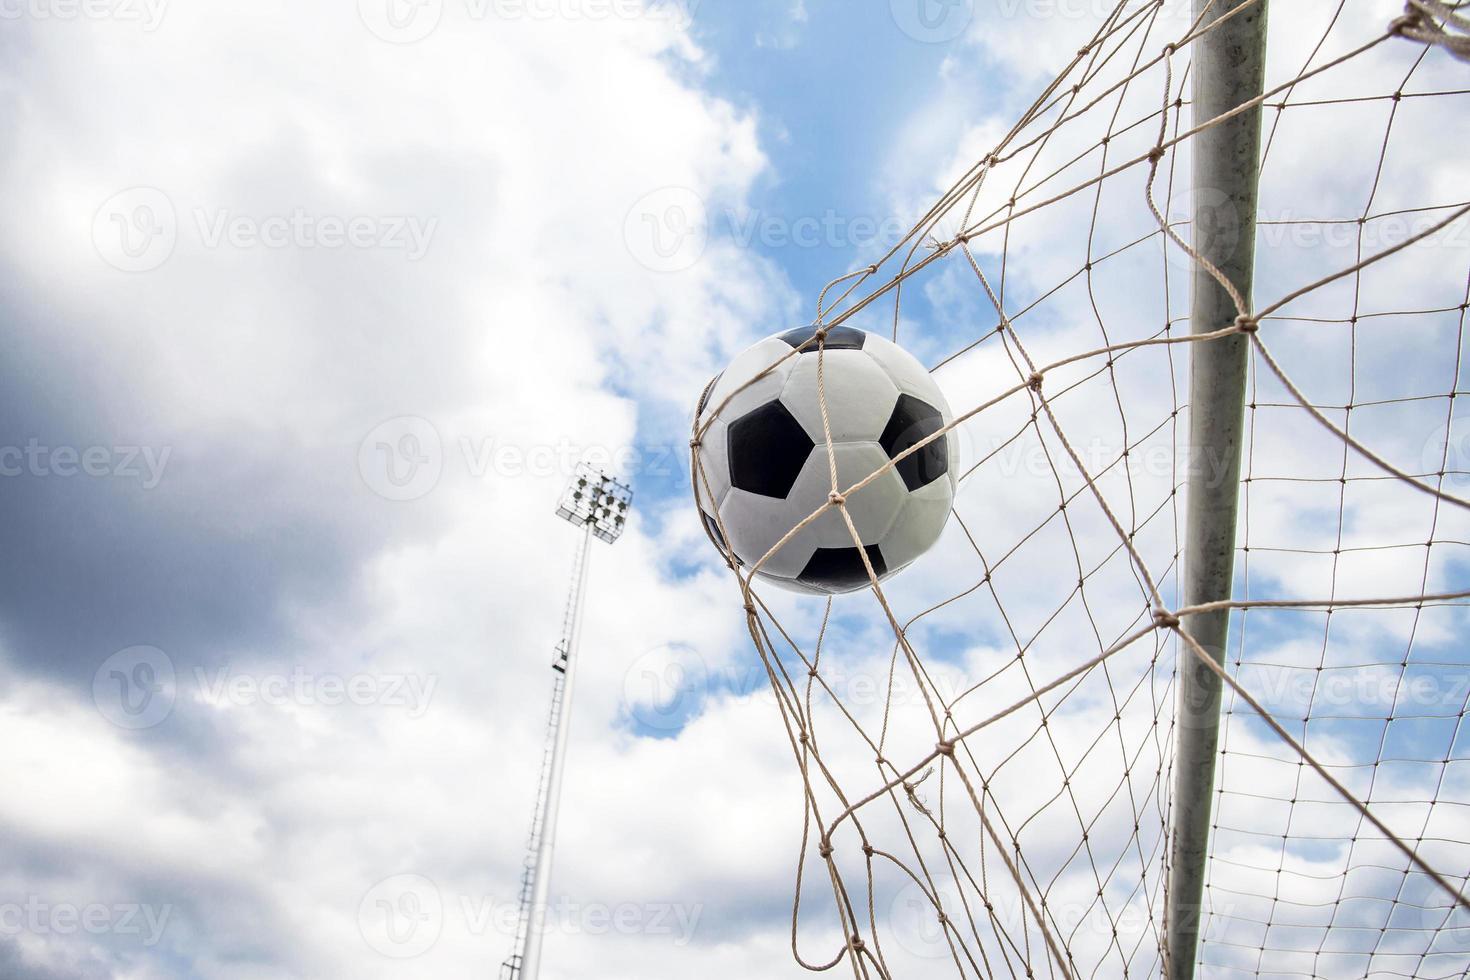 Fußball Fußballtor foto